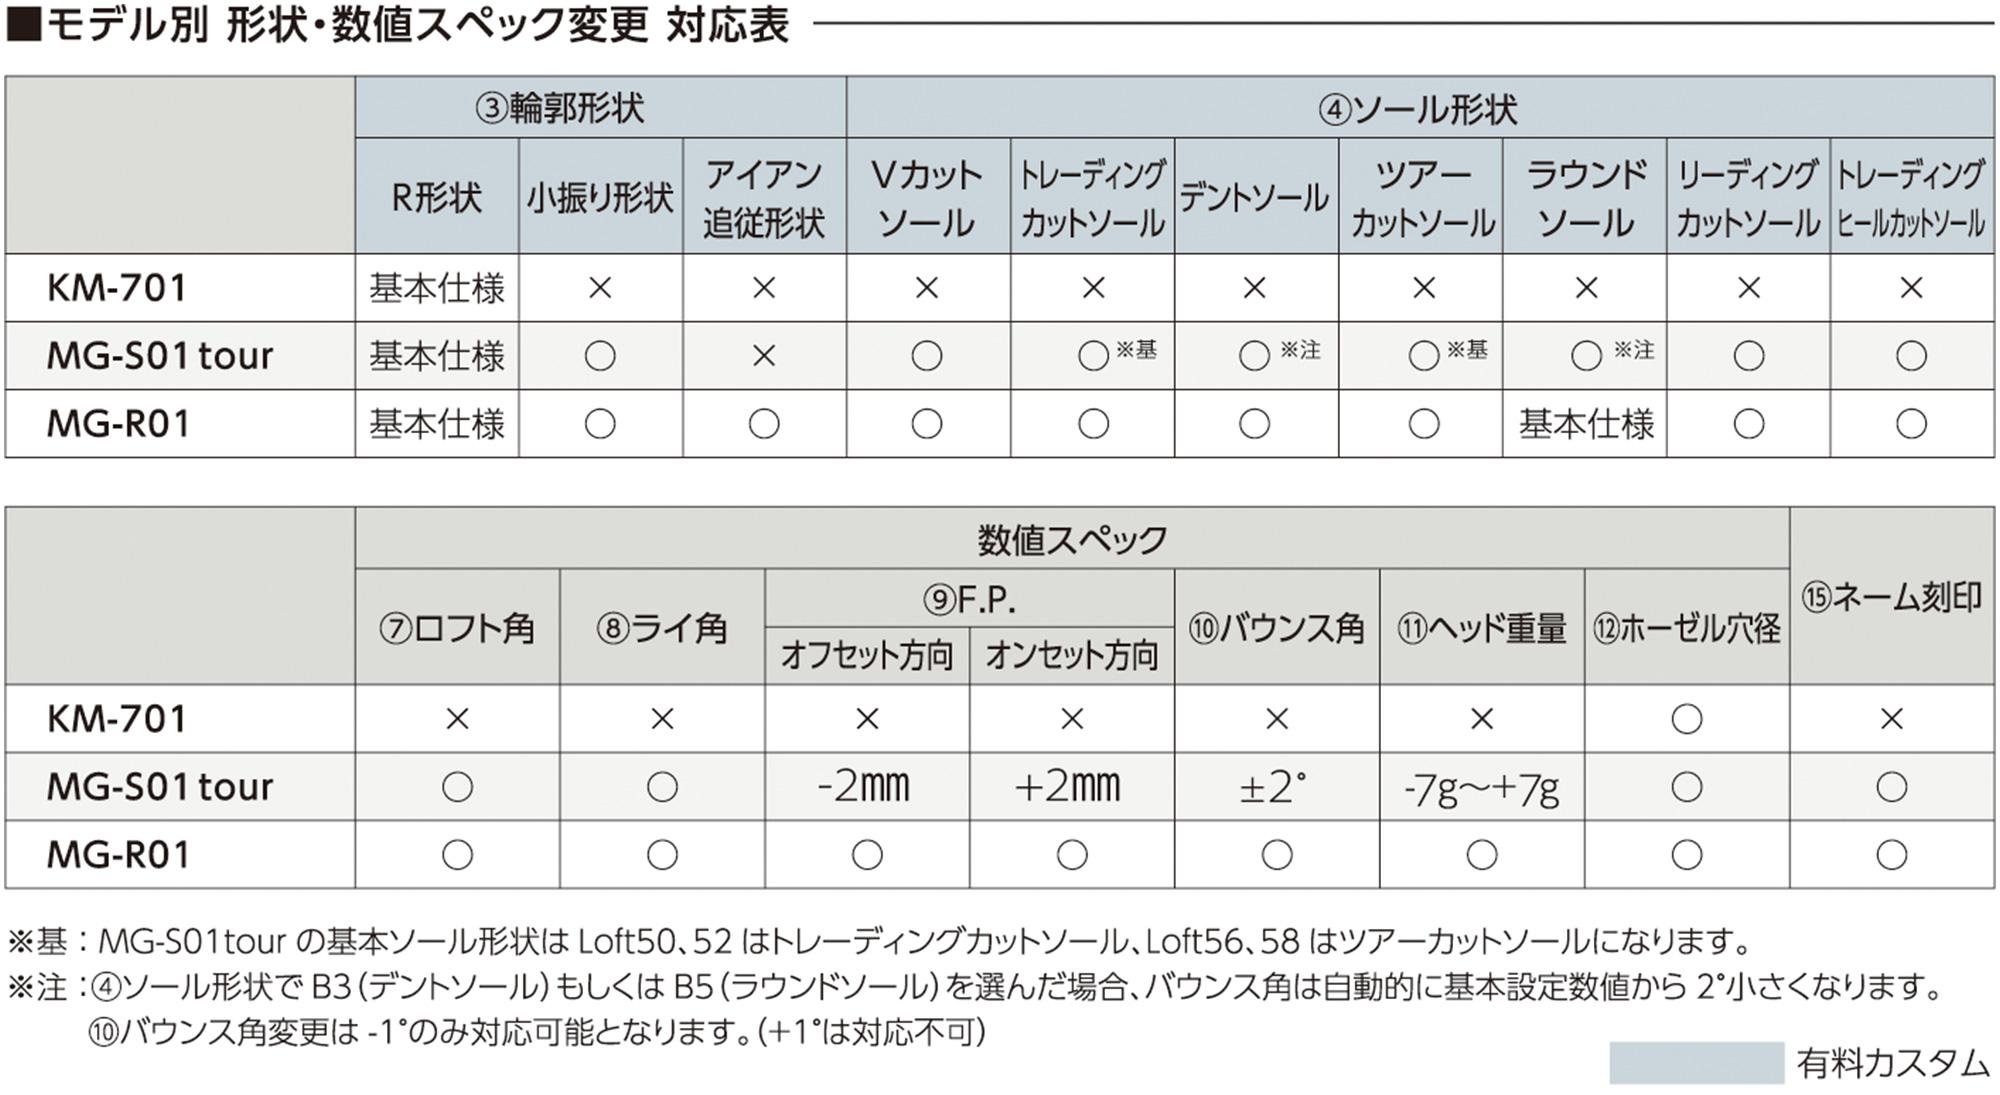 モデル別 形状・数値スペック変更対応表